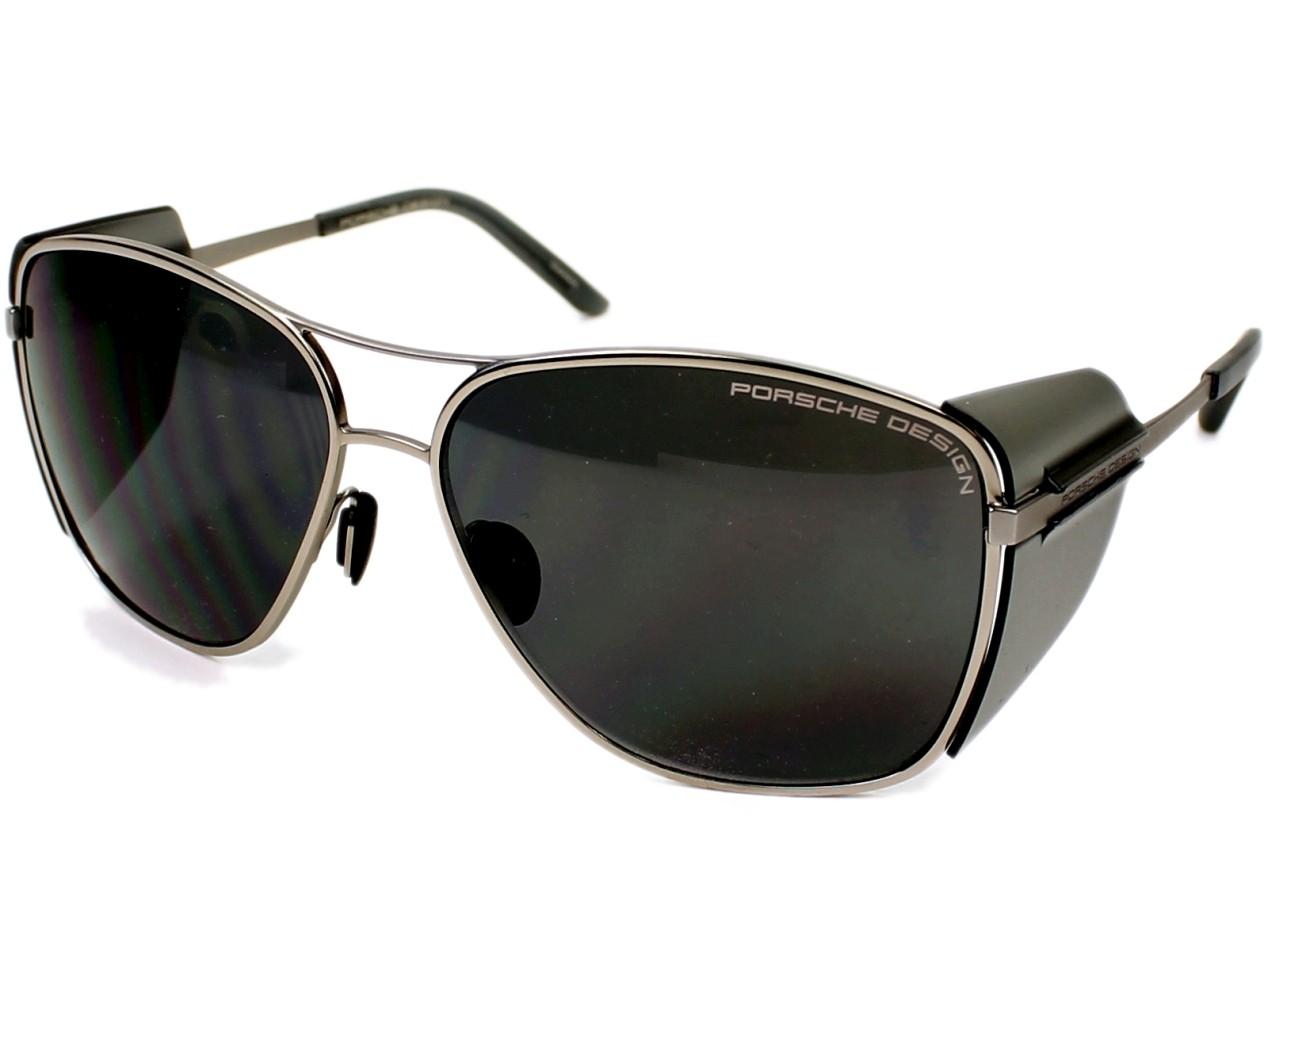 achetez des lunettes de soleil porsche design p 8600 argent pas cher sur visio. Black Bedroom Furniture Sets. Home Design Ideas